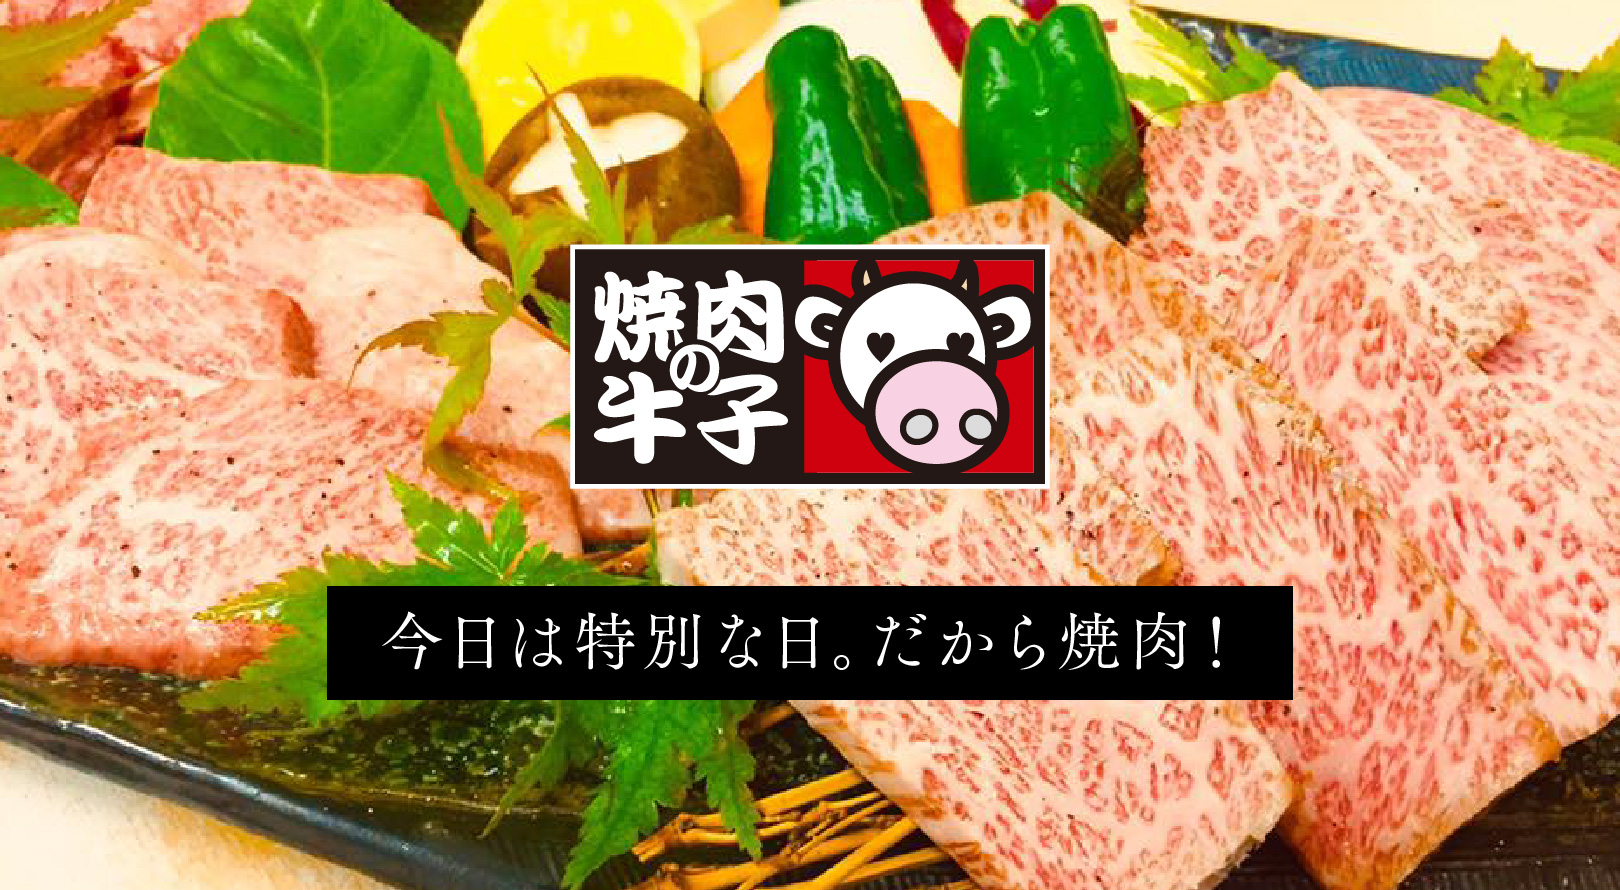 店舗情報_焼肉の牛子